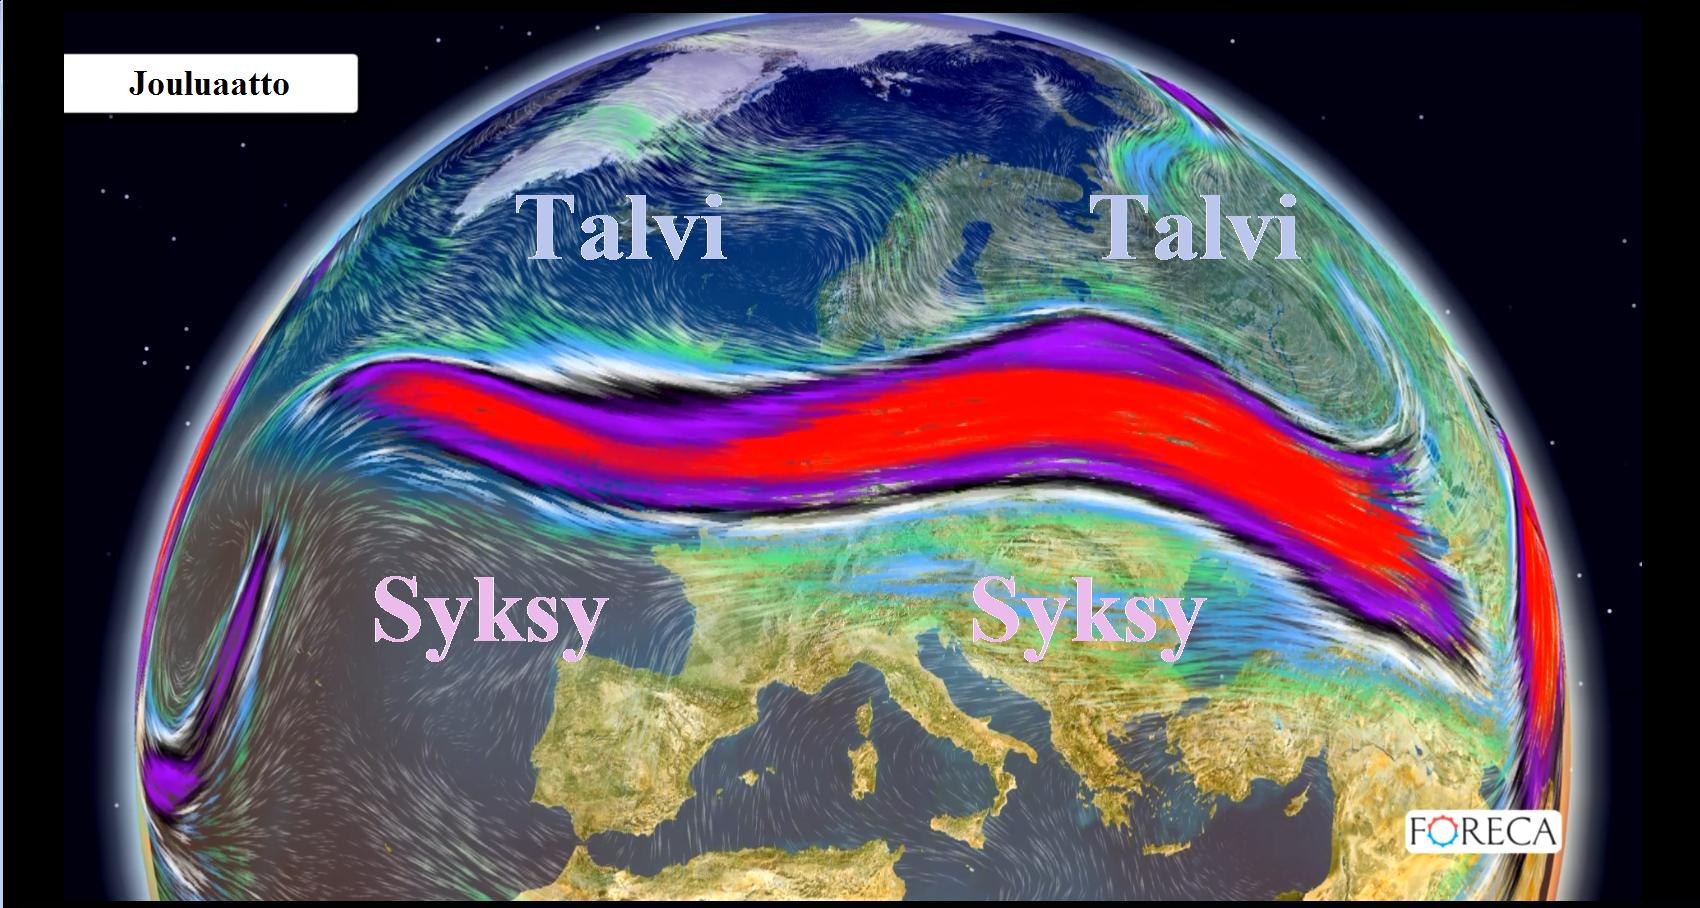 Matalapaineita ohjaileva suihkuvirtaus on siirtynyt  Pohjolan eteläpuolelle ja kuulumme lähipäivät tukevasti talviseen kylmään ilmamassaan.